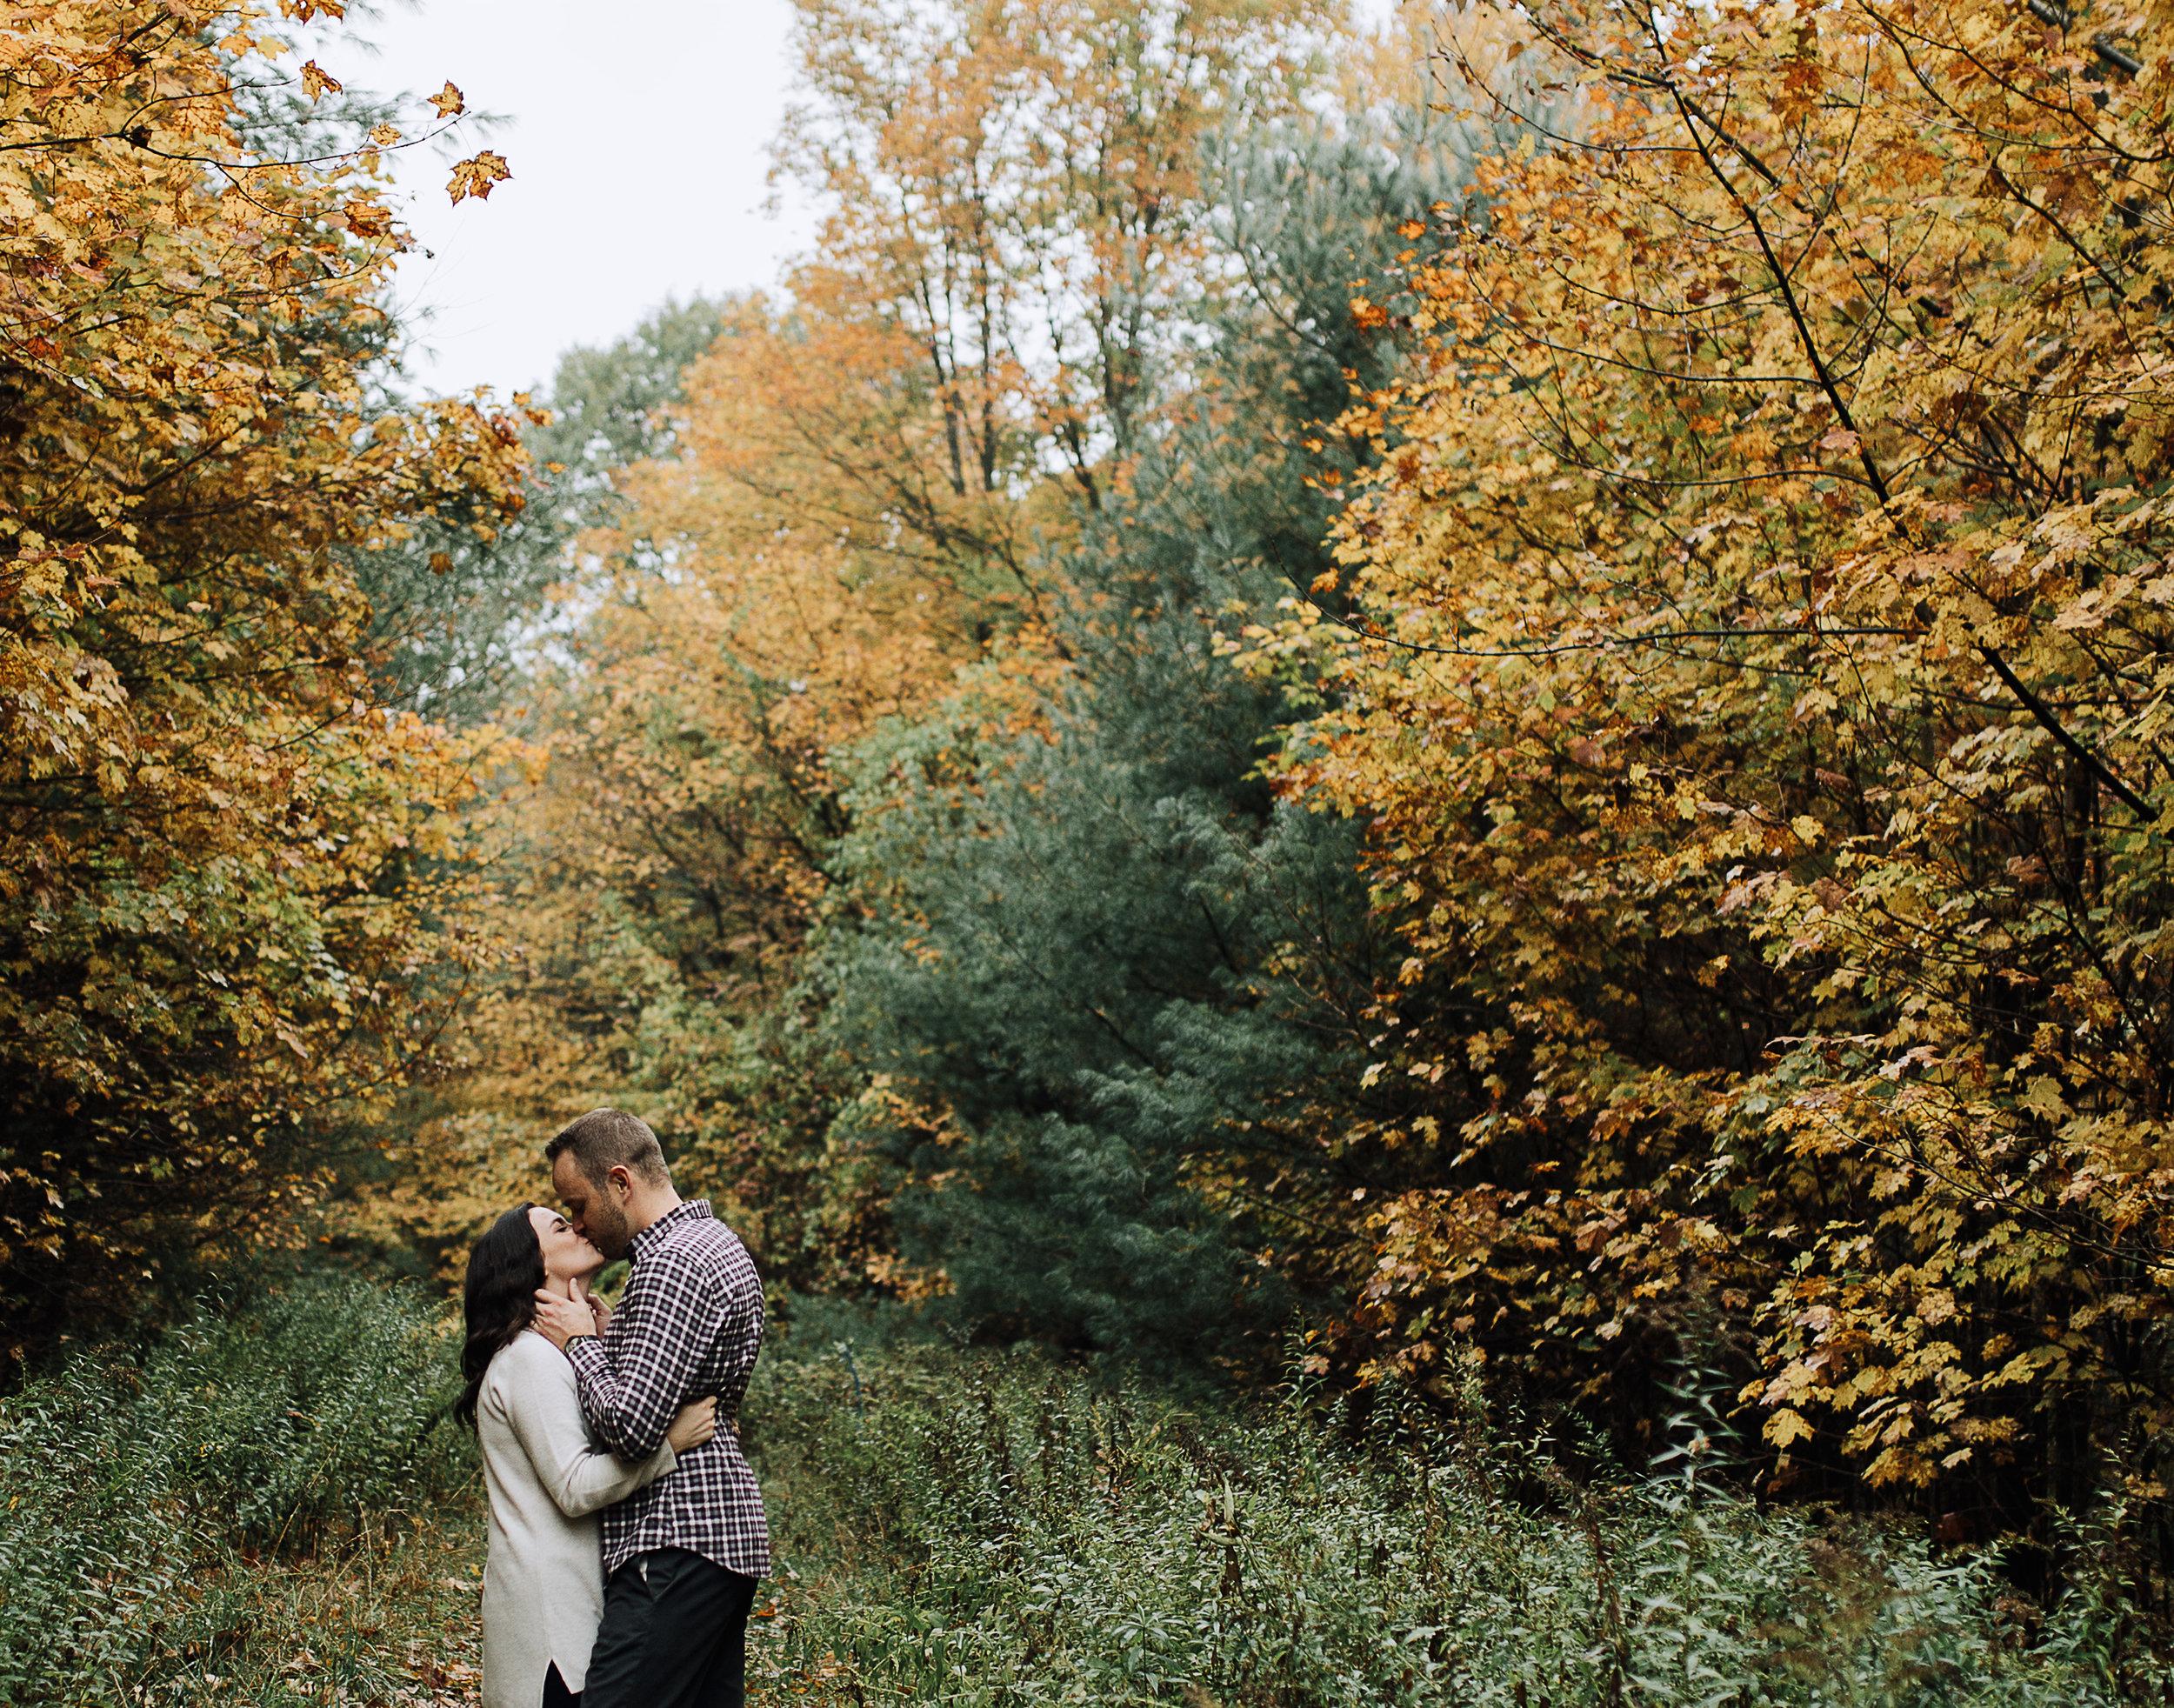 Evie&Glenn10.14.17-63.jpg